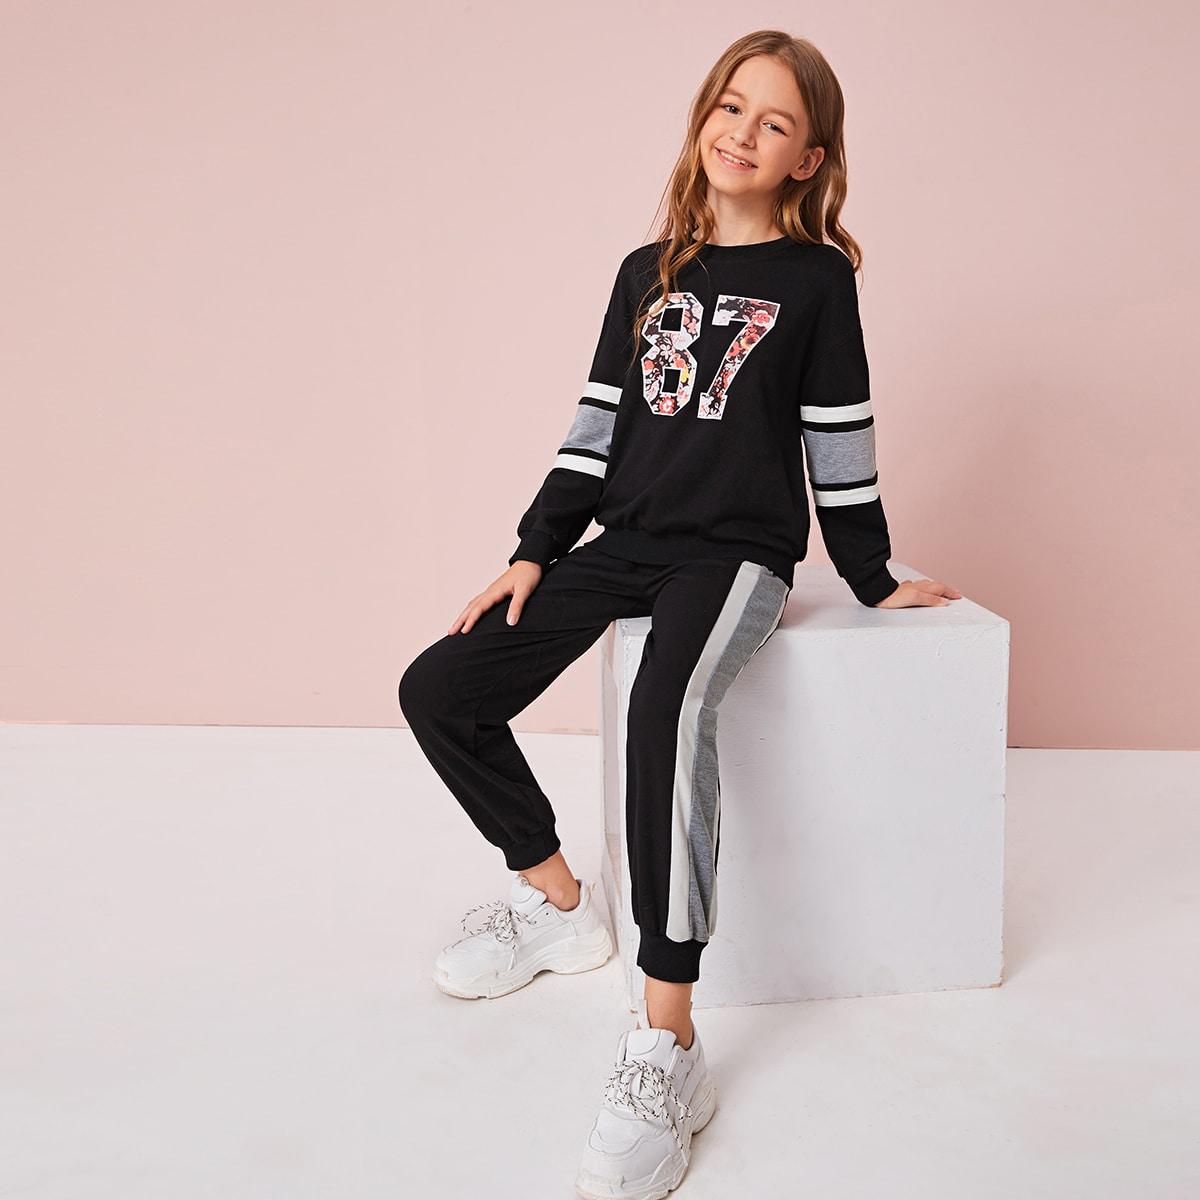 Пуловер с текстовым принтом и контрастные джоггеры для девочек от SHEIN